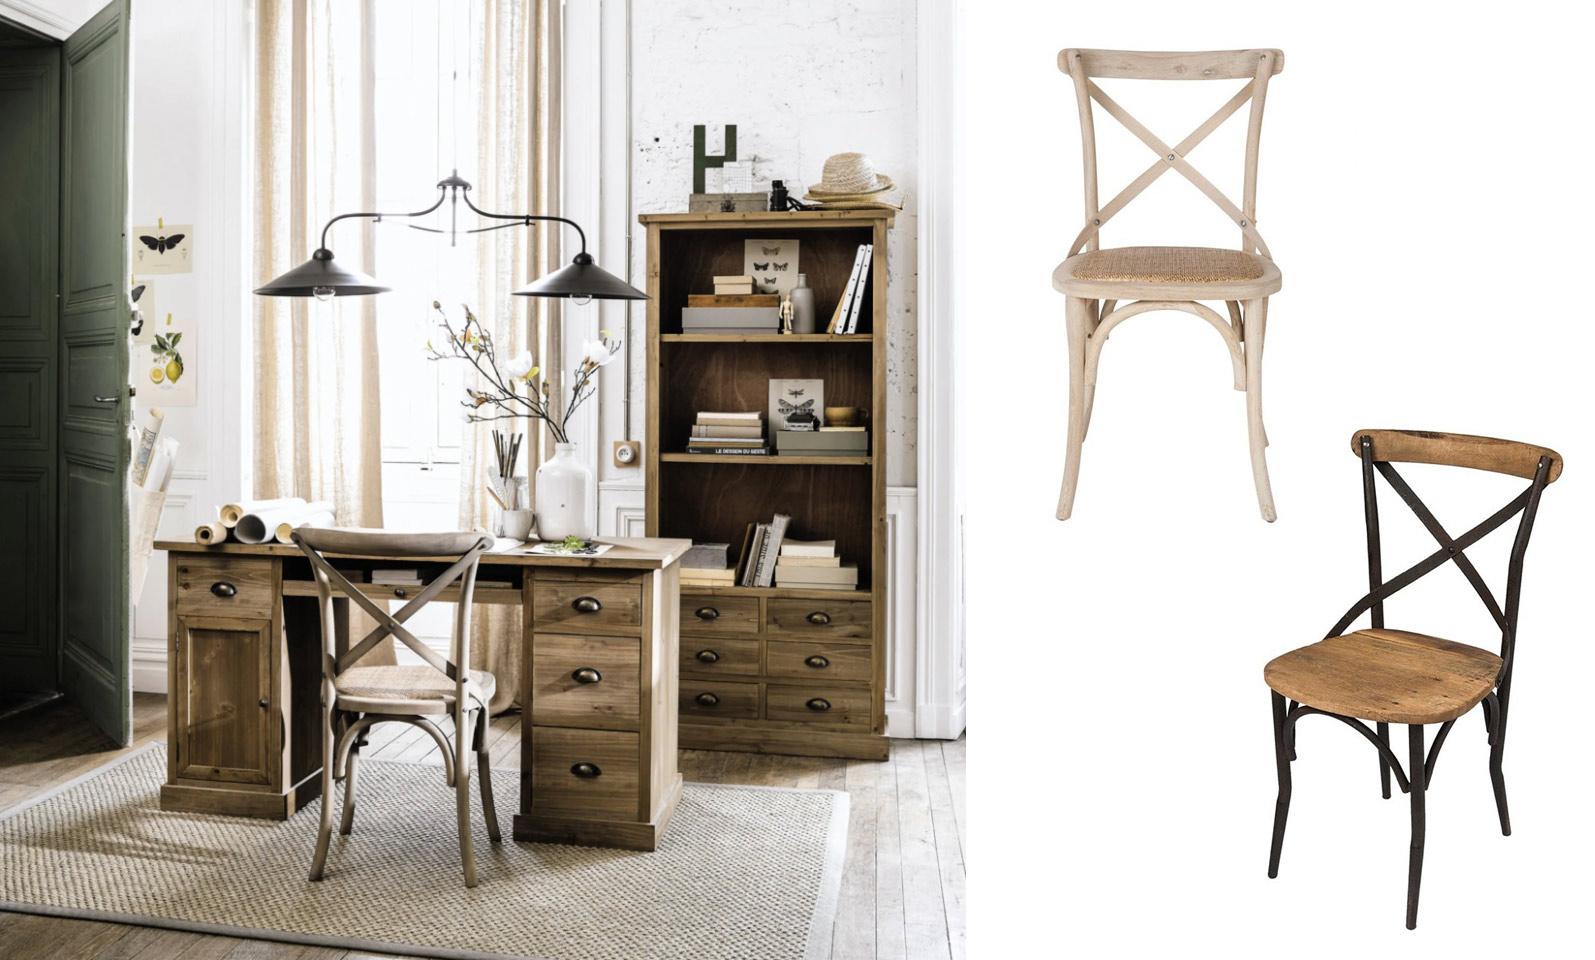 Chaise bistrot bois et métal dossier croisé aspect rustique